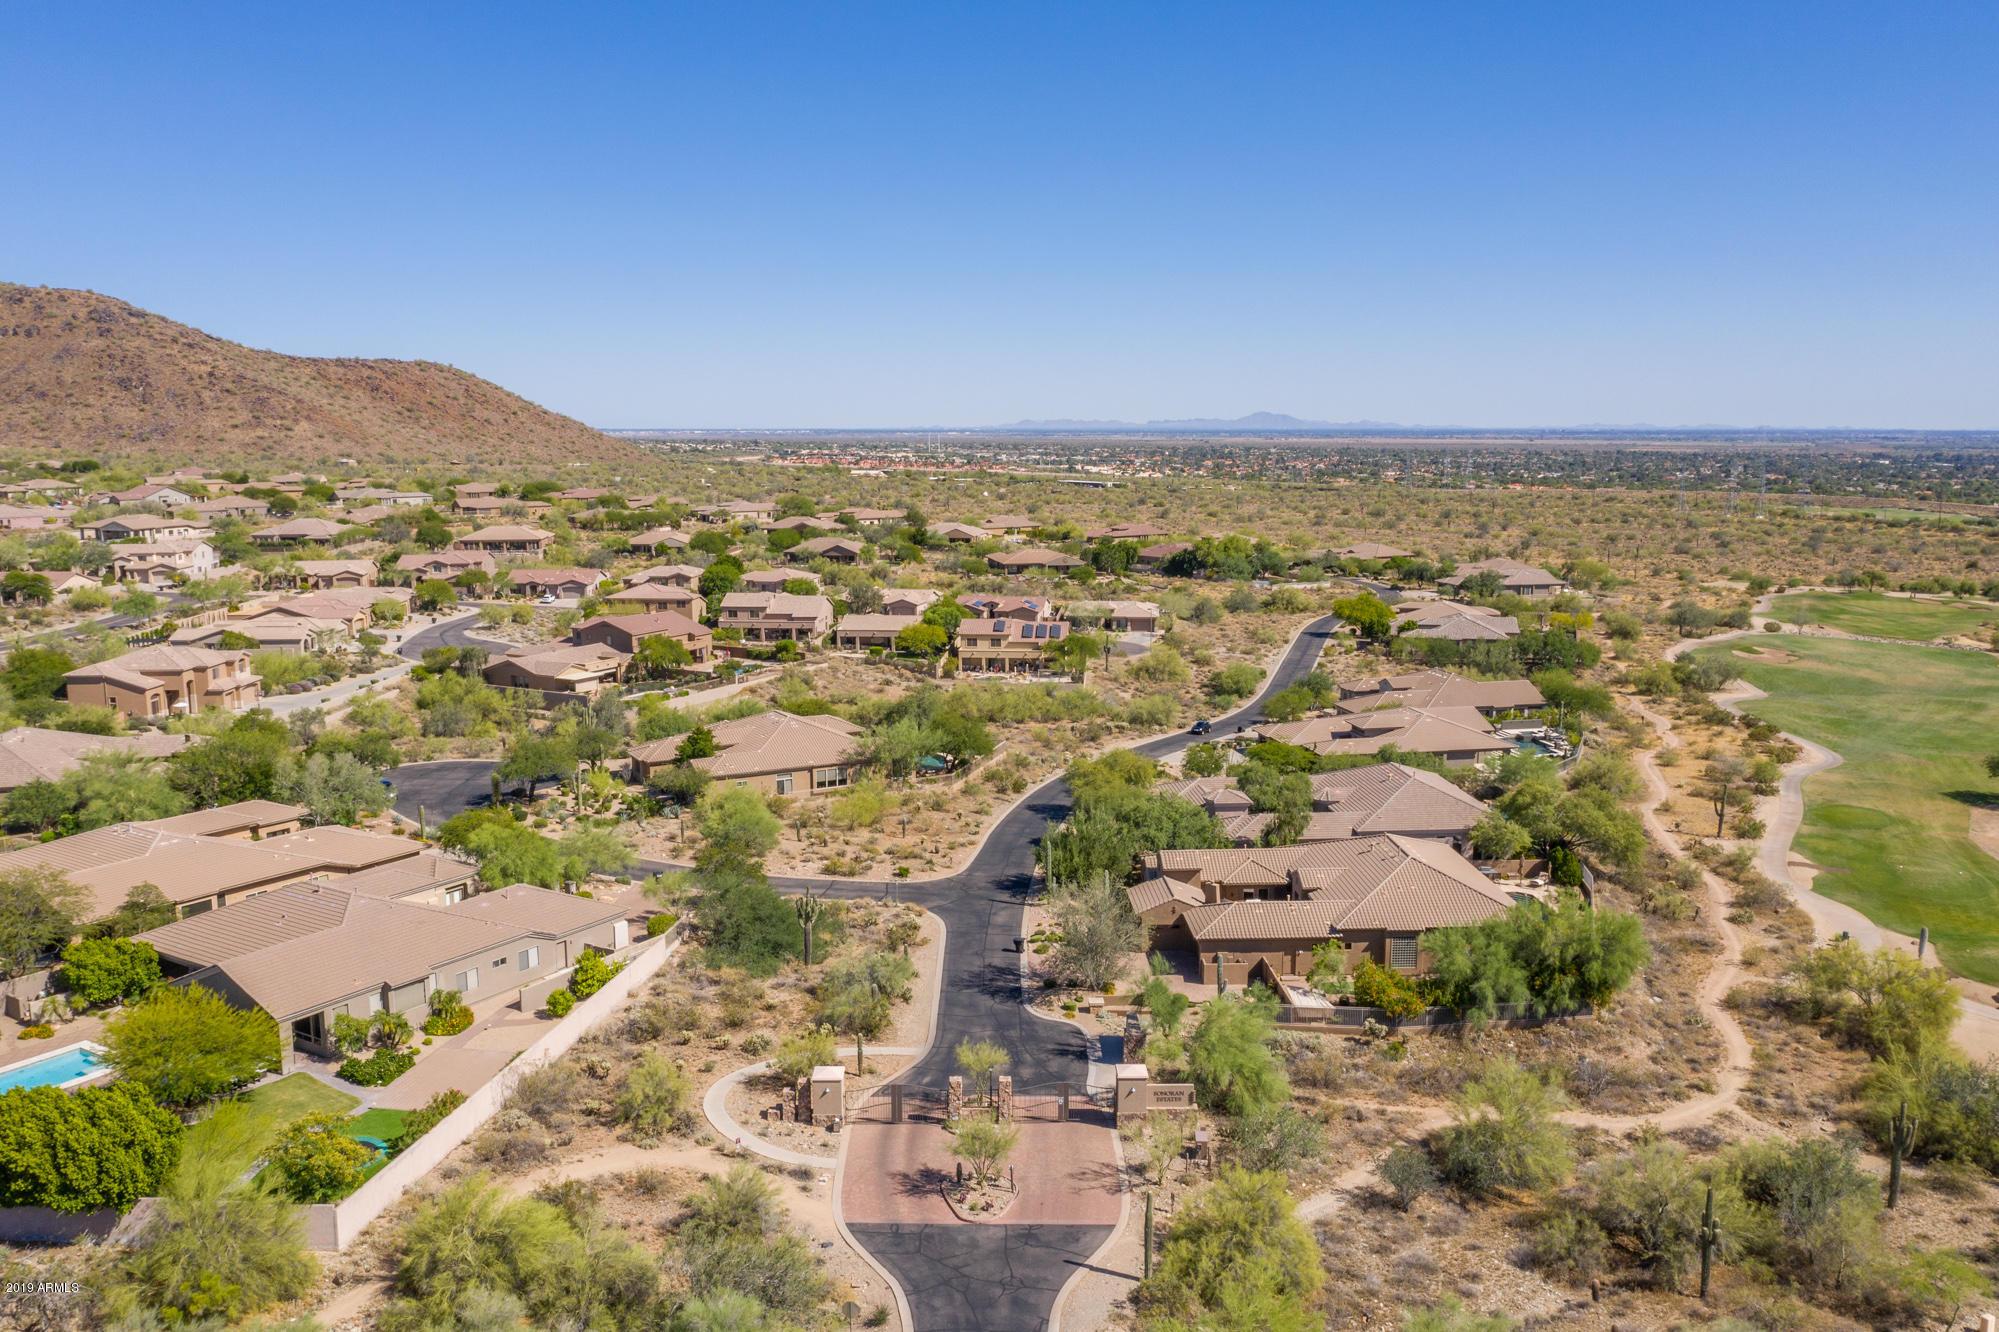 MLS 5934938 11051 E MEADOWHILL Drive, Scottsdale, AZ 85255 Scottsdale AZ Private Pool